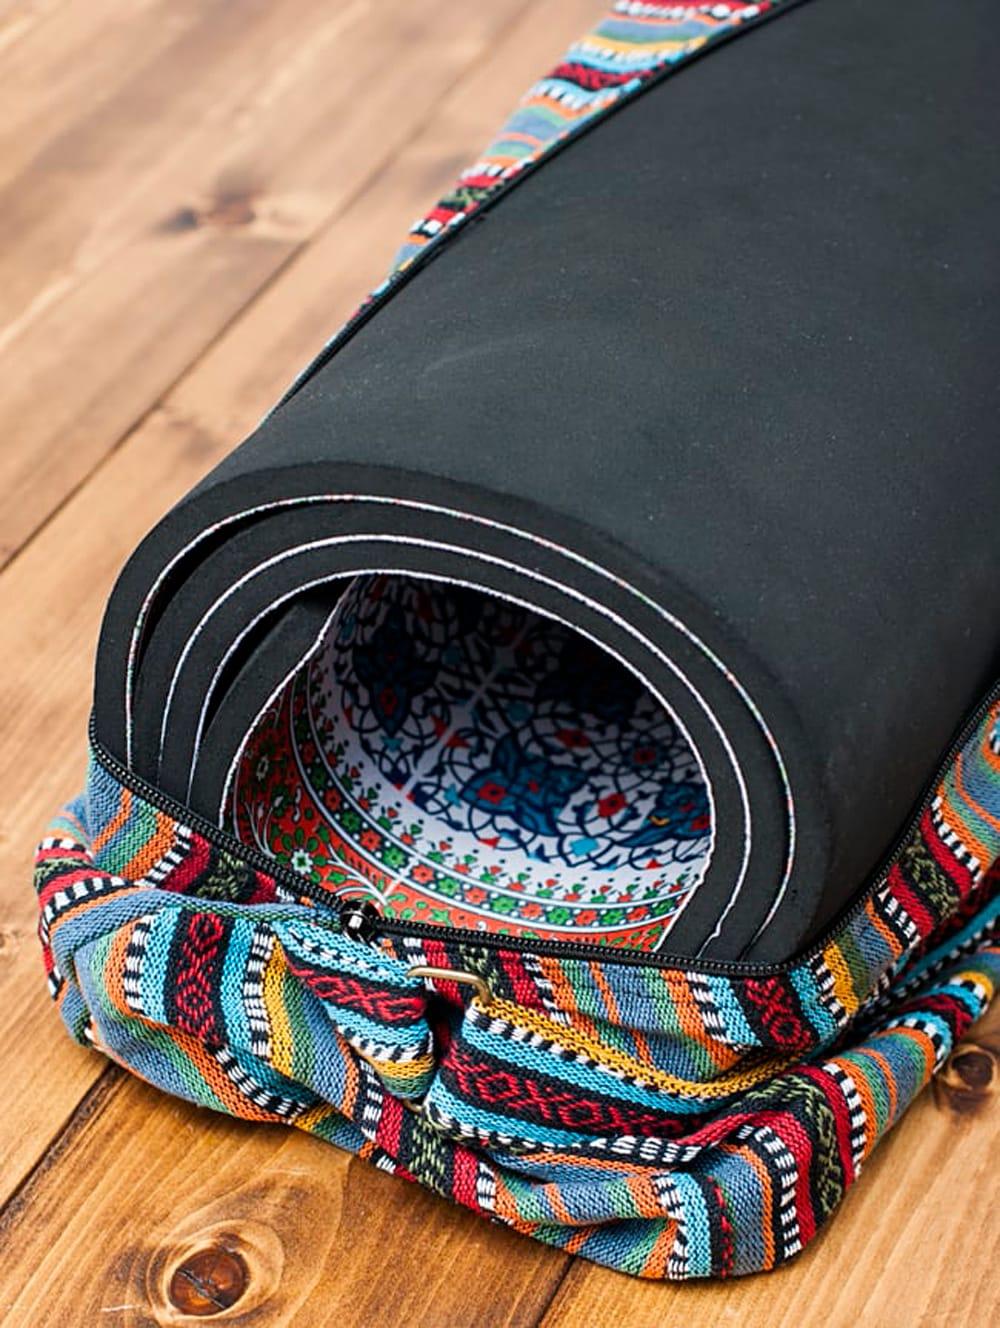 【大サイズ】ネパール織り布のヨガマットバッグ 7 - 厚さ9mm、長さ160cmのヨガマットを入れてみたところです。ご覧の通りゆるく巻いていますがすっぽりと簡単に入りました。この巻き方でもまだ余裕があったので、もう少し厚みがあっても入りそうです。